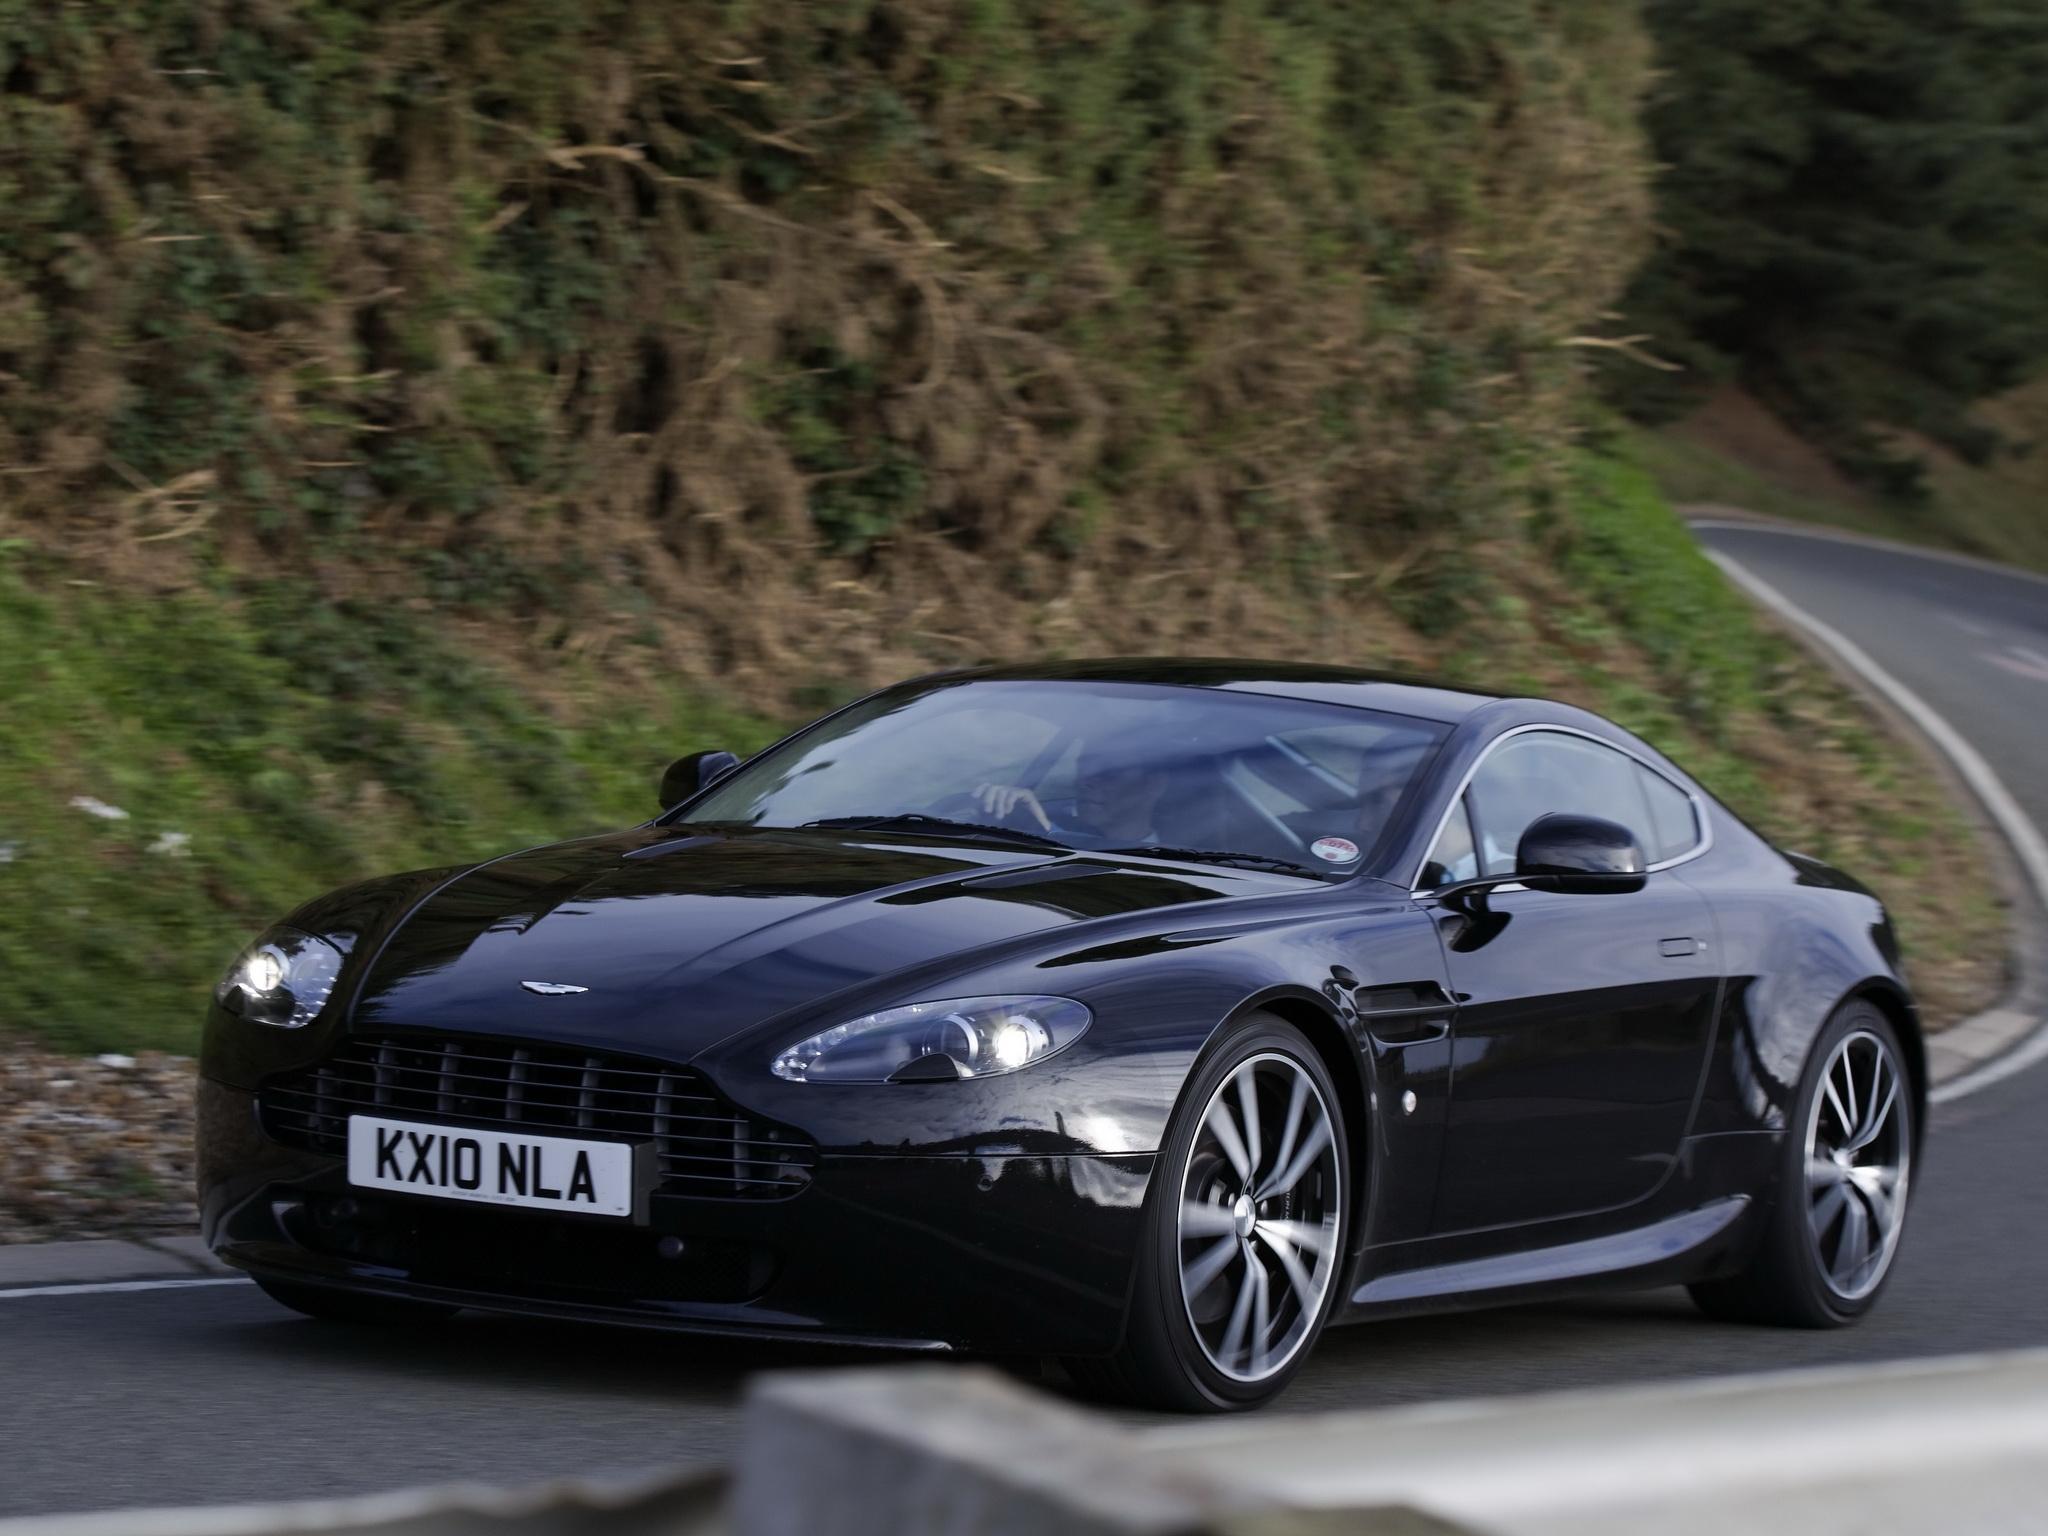 Aston Martin V Vantage Aston Martin V Vantage Overview - Aston martin cargurus